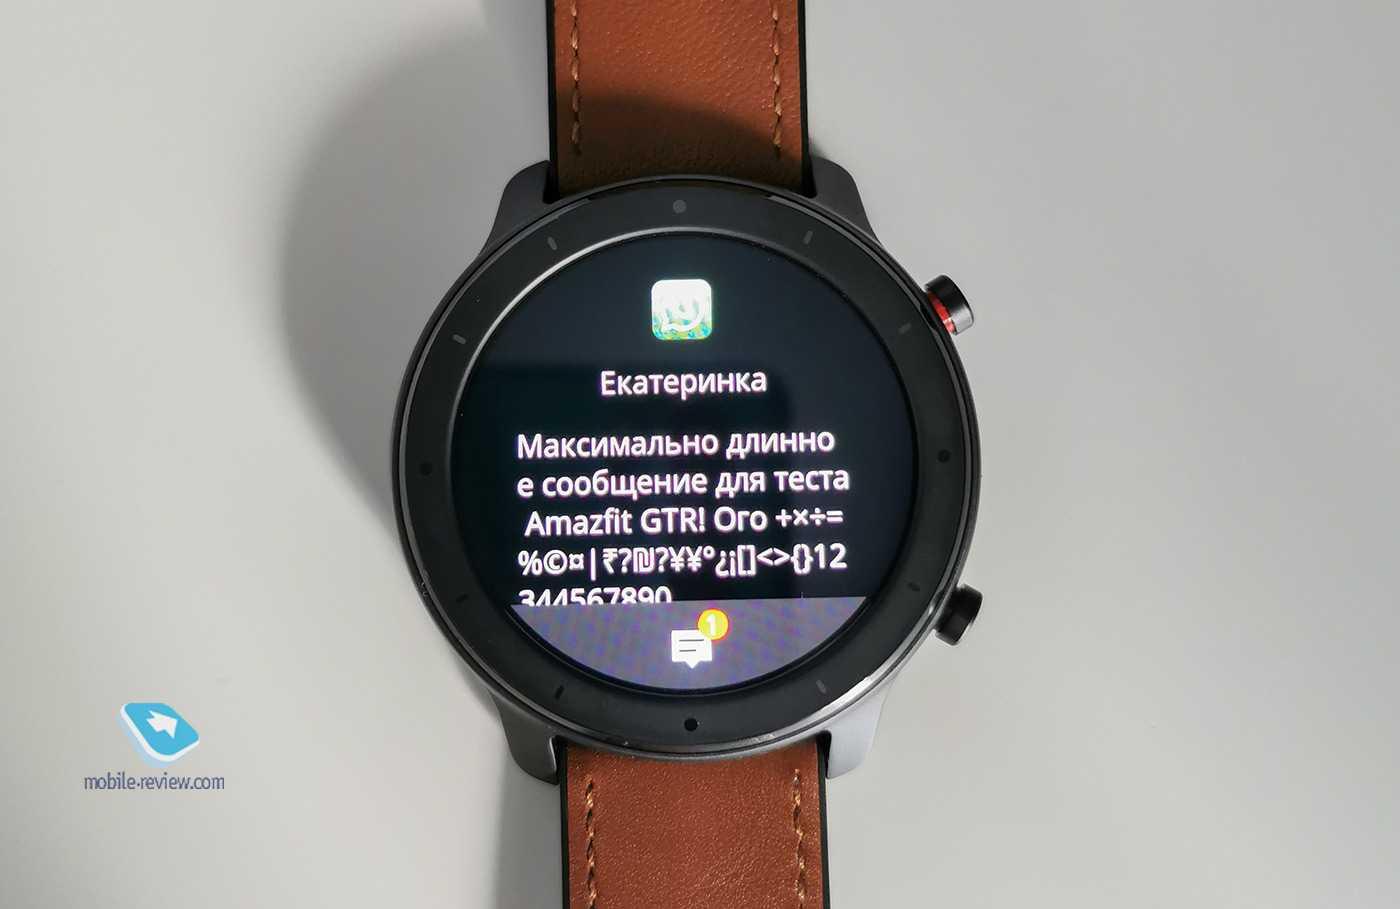 Обзор amazfit gtr. лучшие смарт-часы за 11 тысяч рублей? - rozetked.me